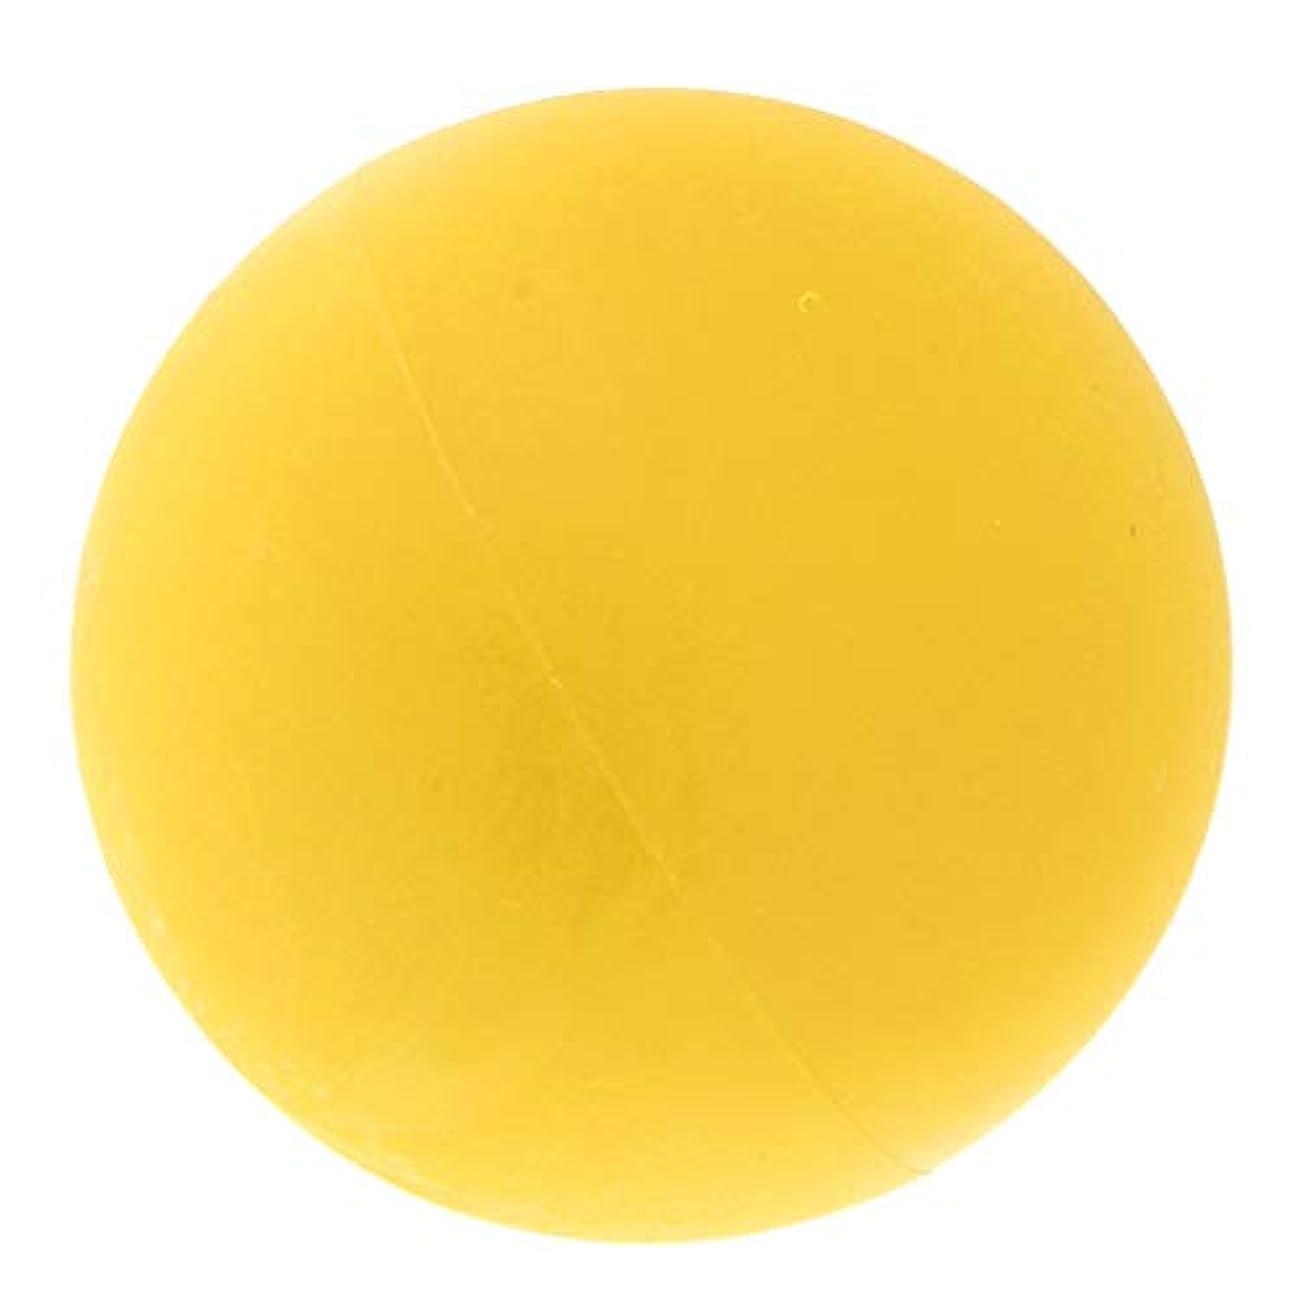 テープ喜んで器官Hellery マッサージボール ヨガボール トリガーポイント 筋膜リリース 緊張緩和 健康グッズ 全4色 - 黄